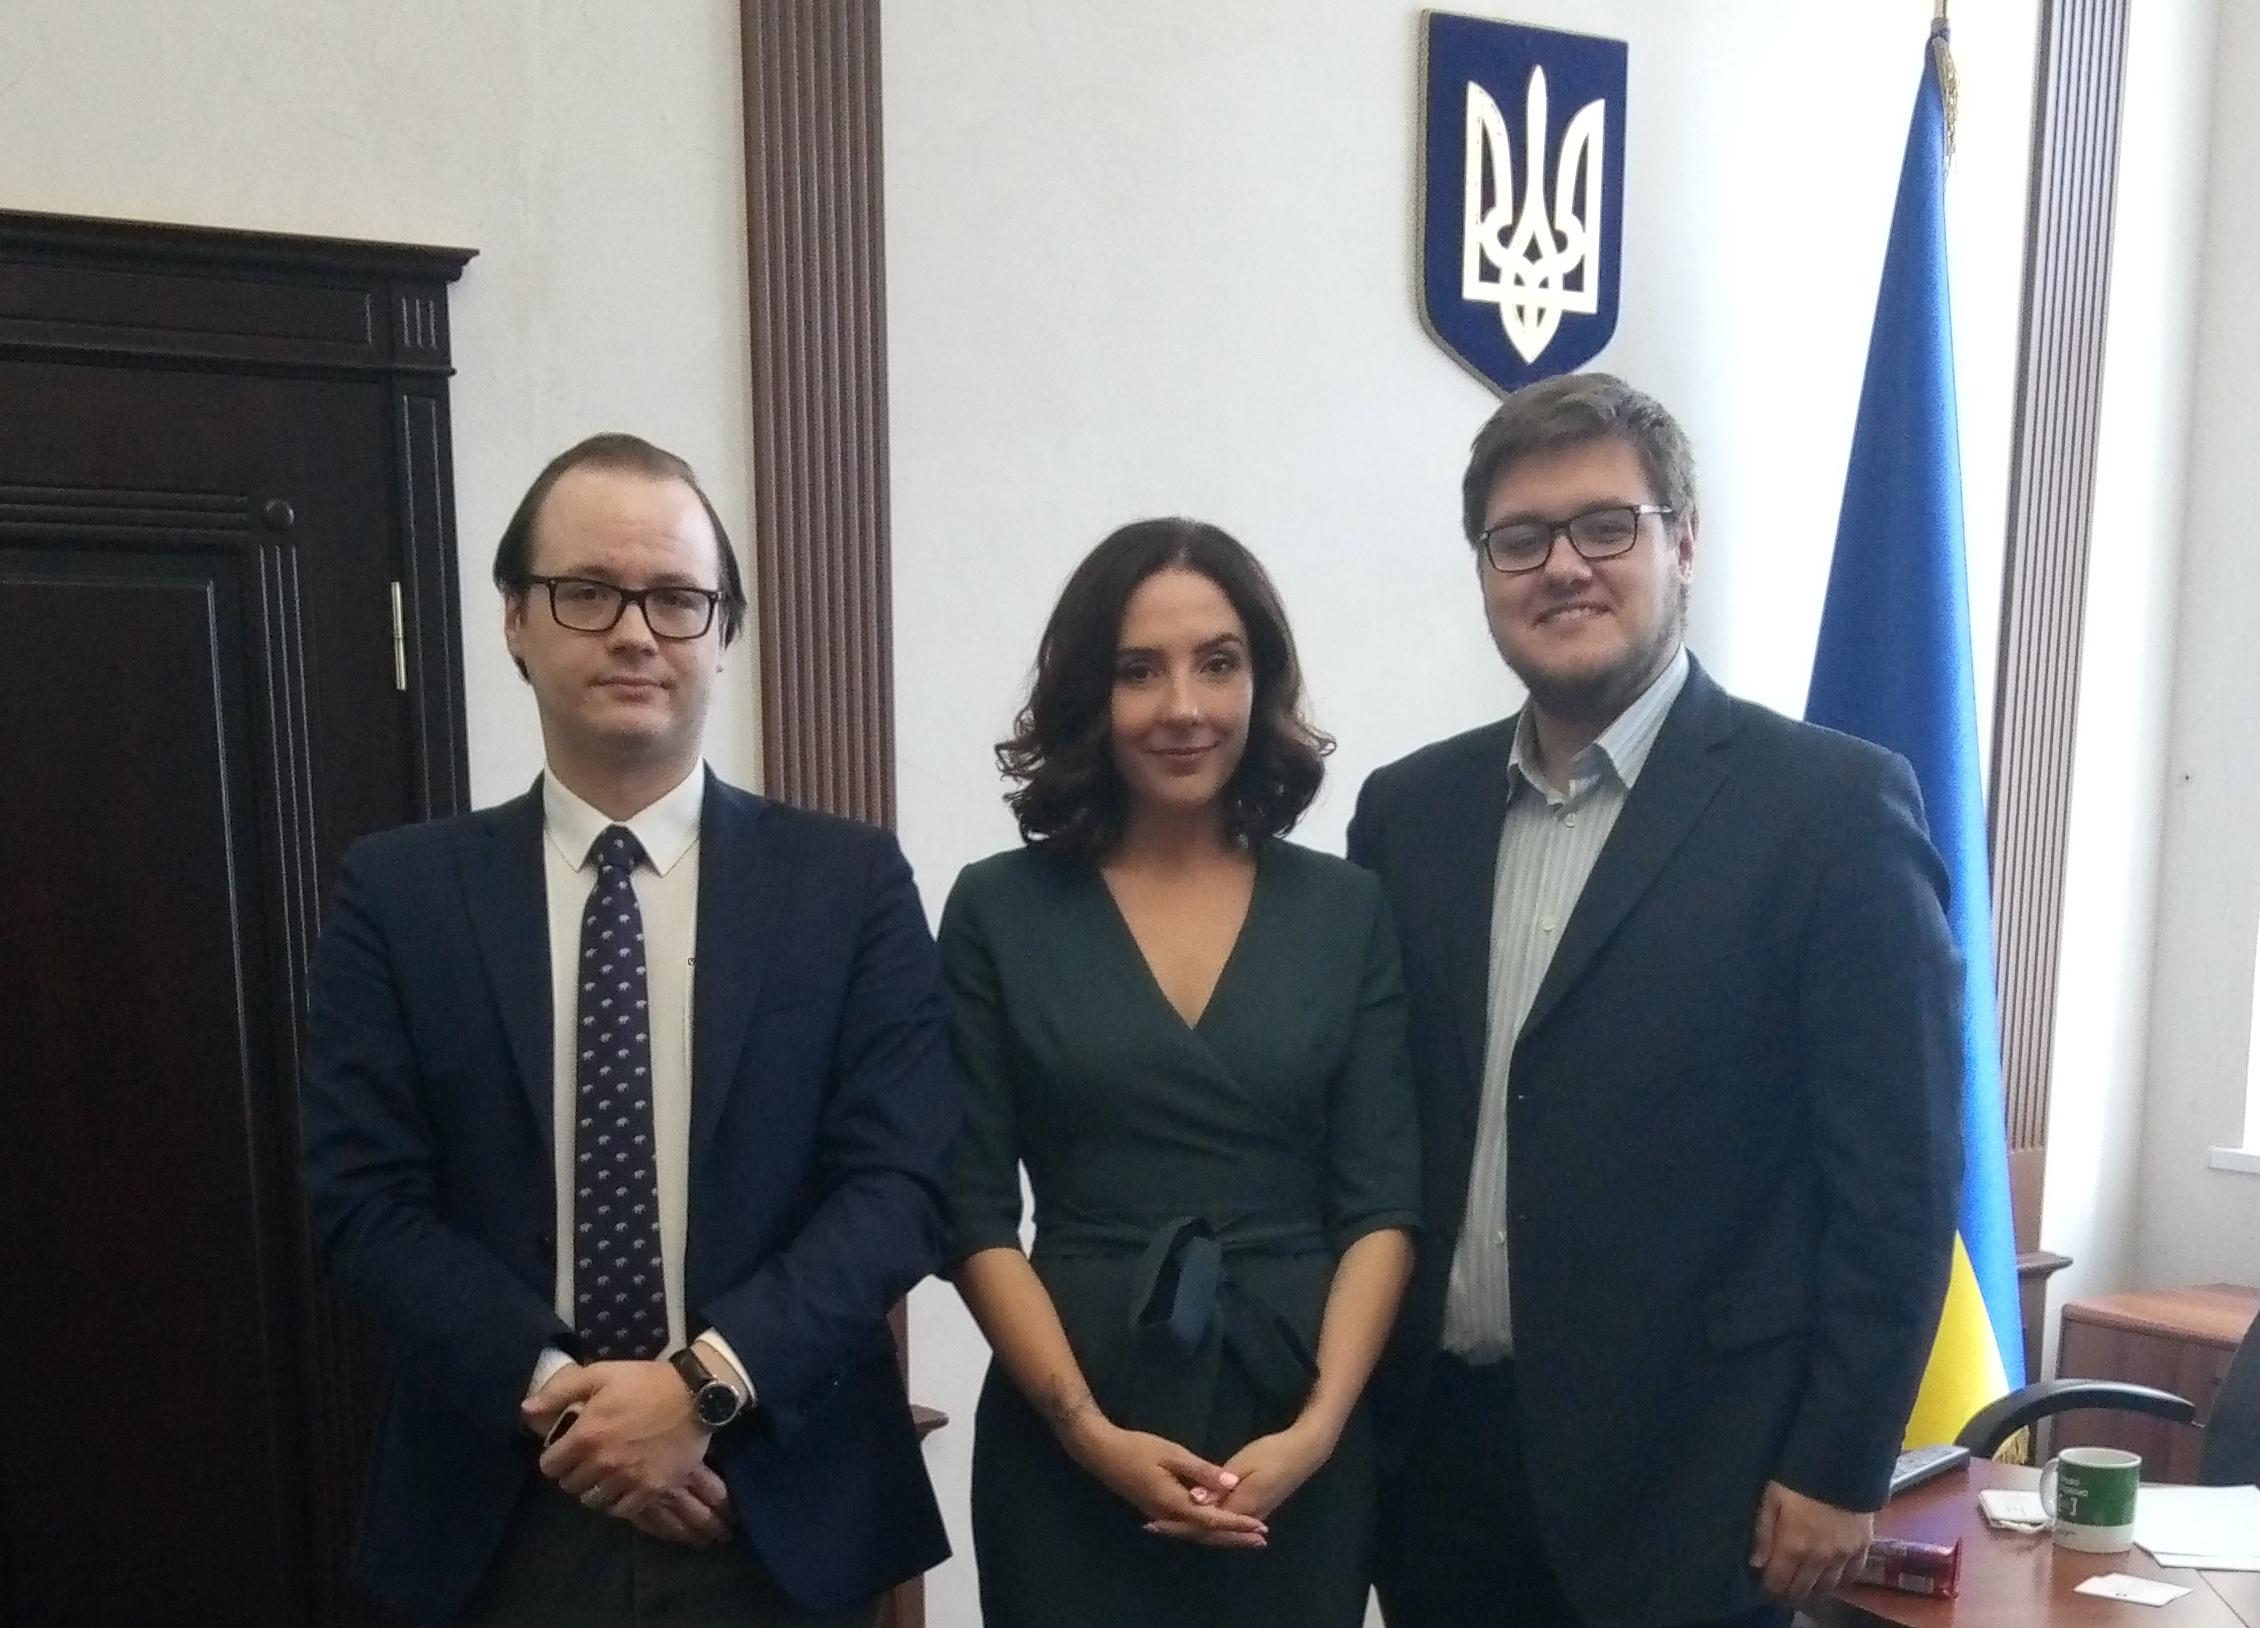 Зліва направо: Михайло Каменєв Валеріія Коломієць, Степан Золотар